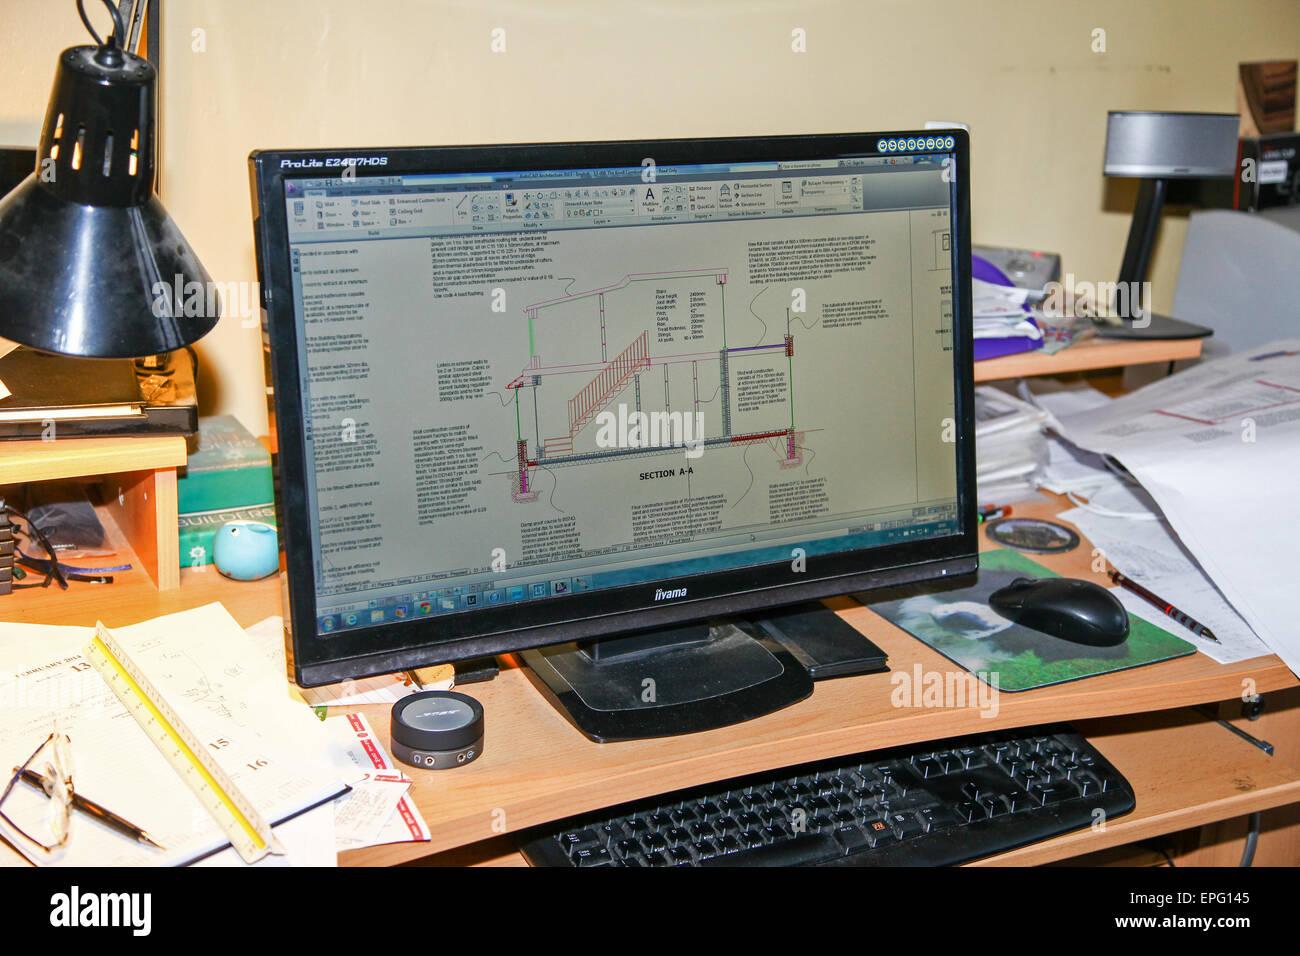 Un plan de arquitectos se muestra usando software de arquitectura de AutoCad en una pantalla de ordenador Imagen De Stock